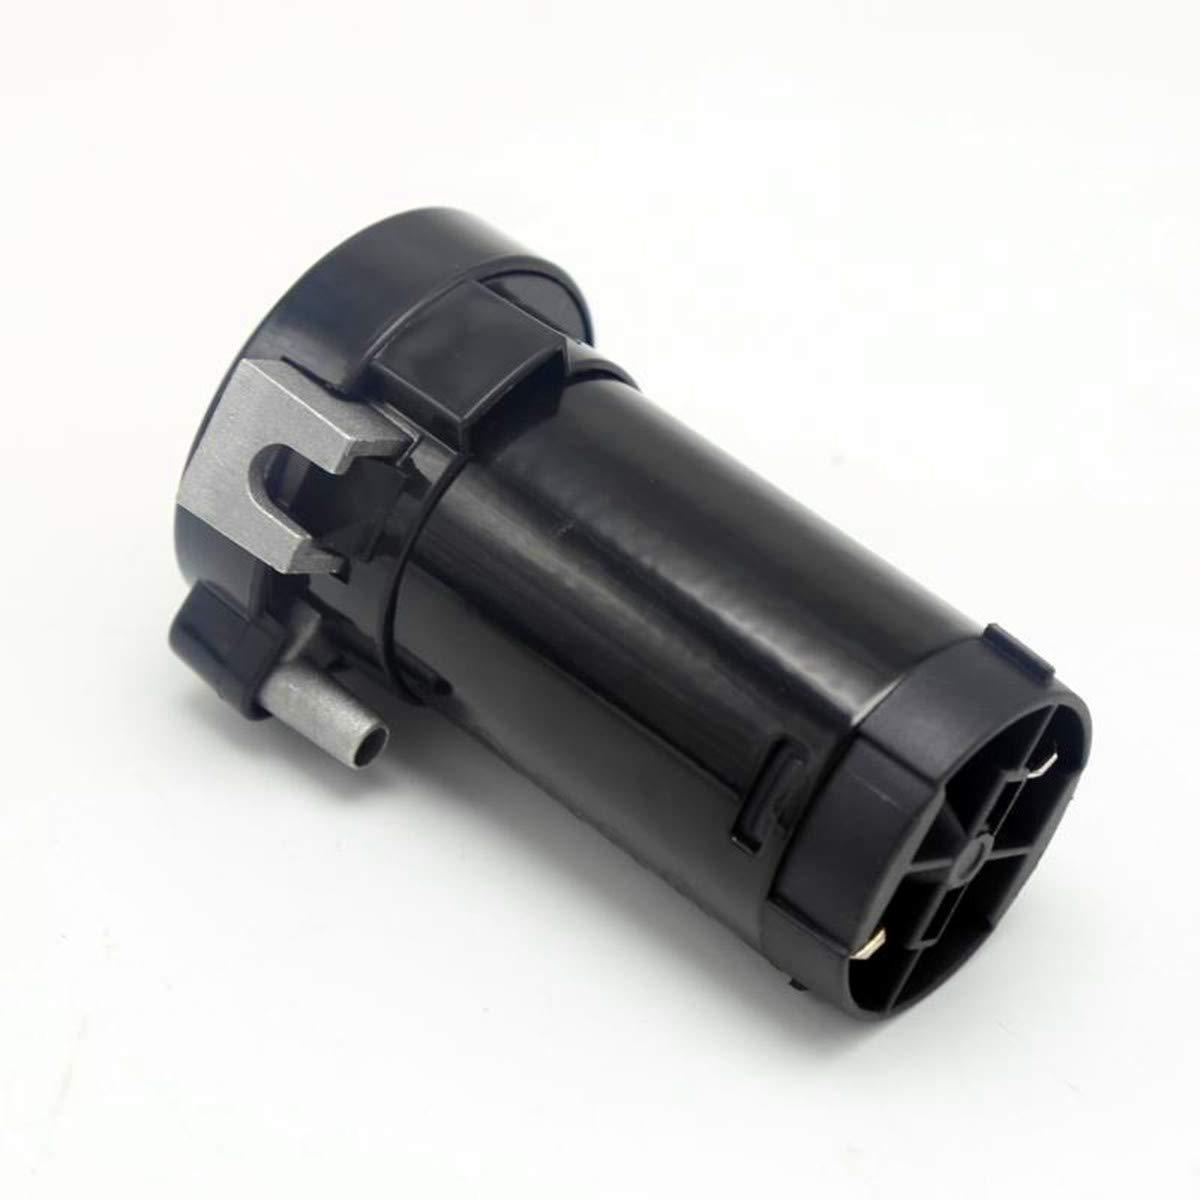 YIYIDA bocina de aire de 150 dB bocina de doble tubo cromada de zinc con doble trompeta bocina con compresor para cualquier veh/ículo de 12 V camiones barcos coches furgonetas trenes camiones